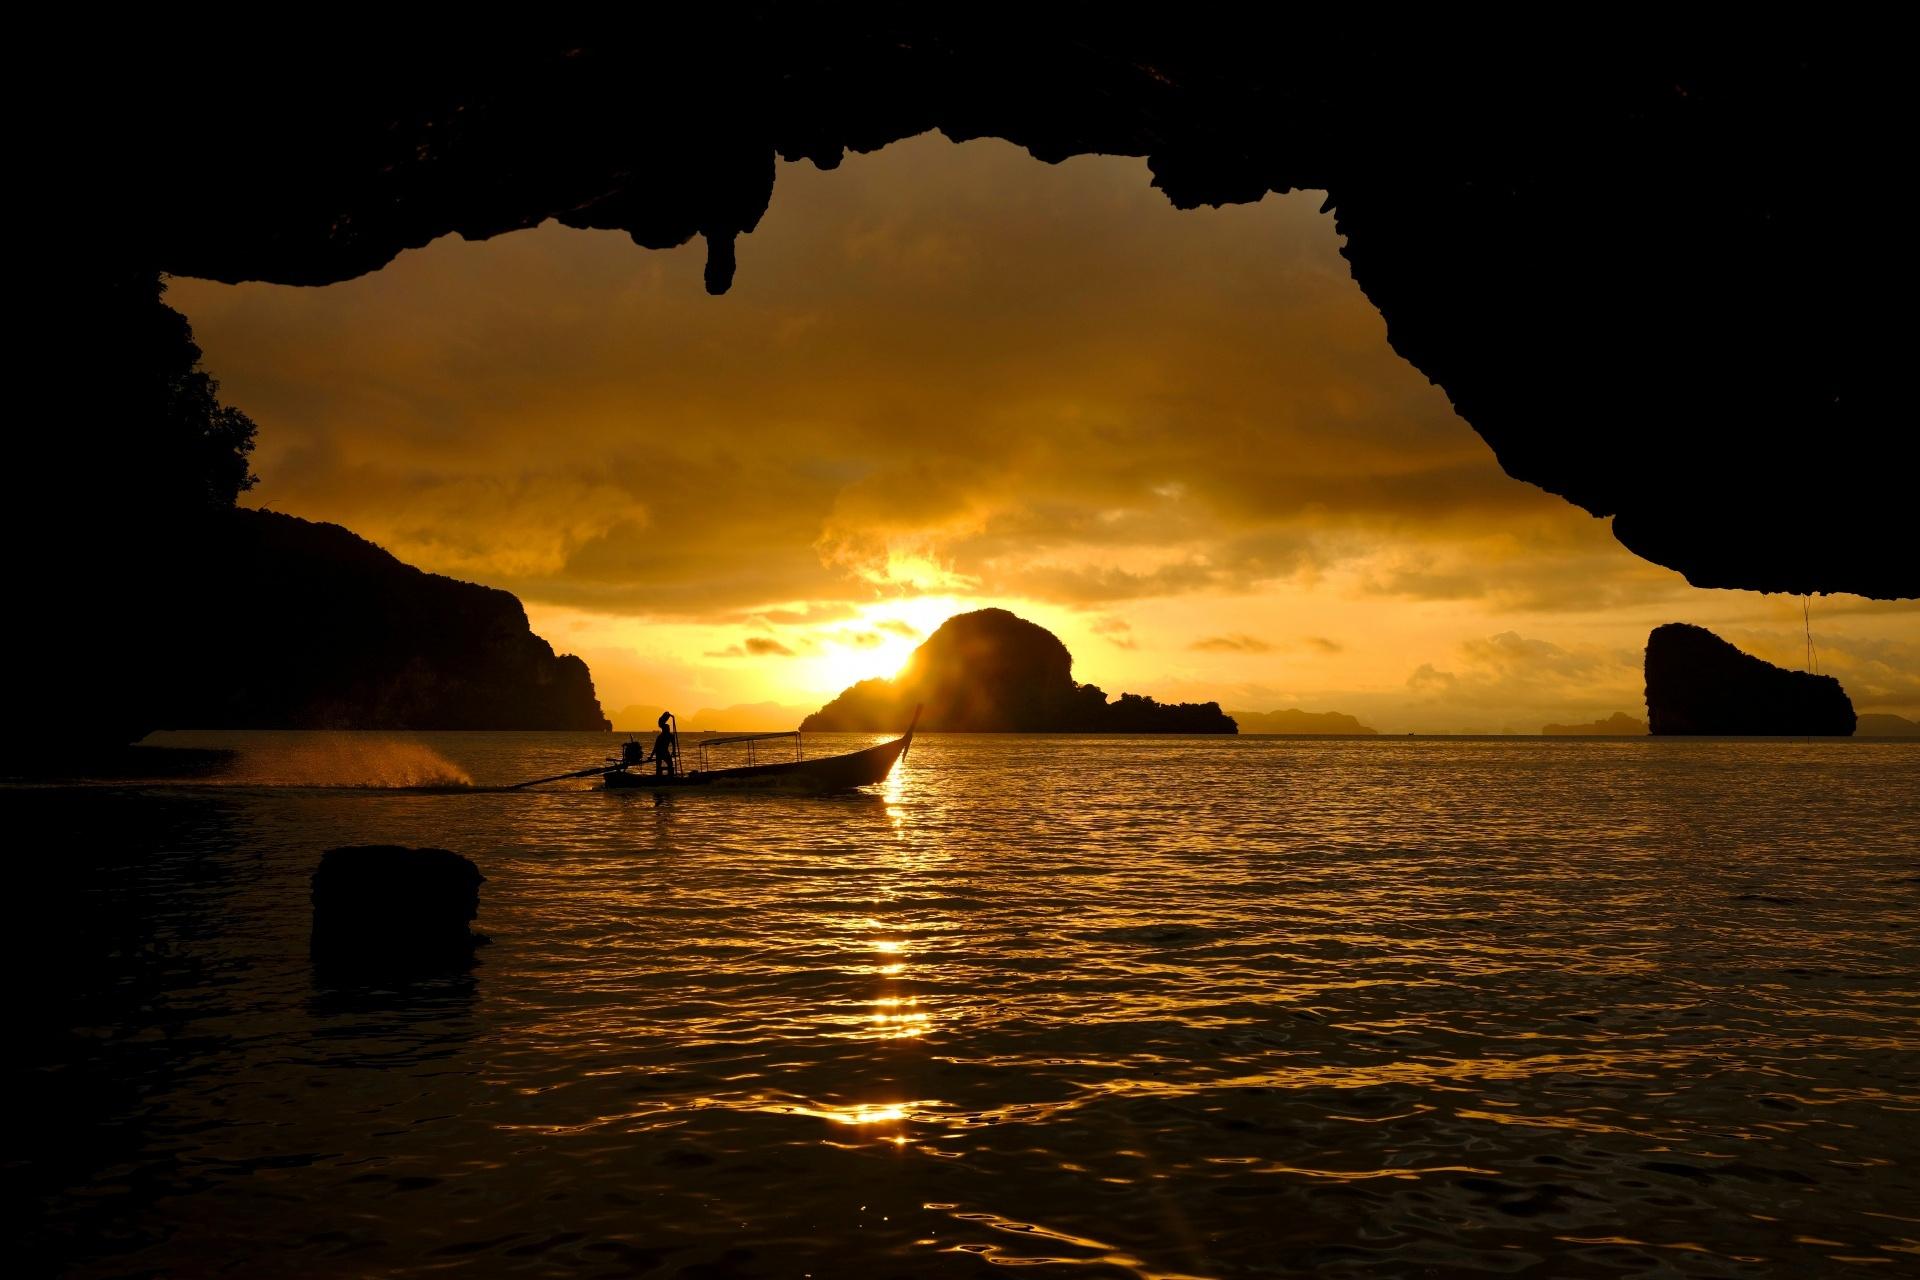 パナック島の風景 タイの風景